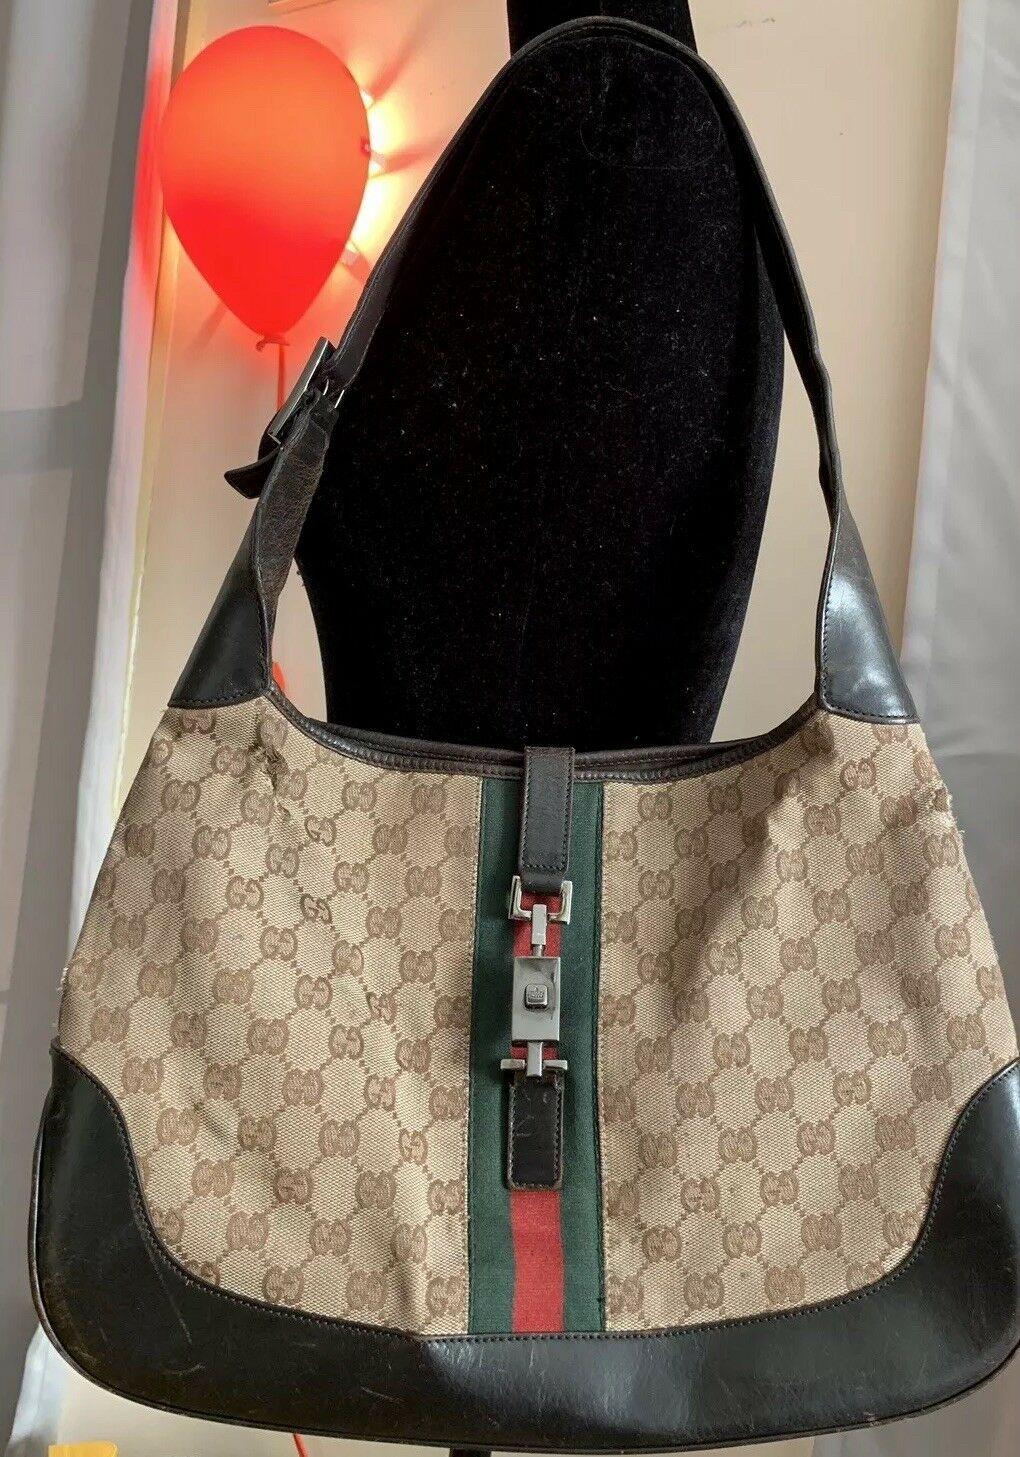 82d573a5914d #FORSALE GUCCI Vintage Womens Shoulder Bag Handbag / Purse Monogram Classic  Leather - $84